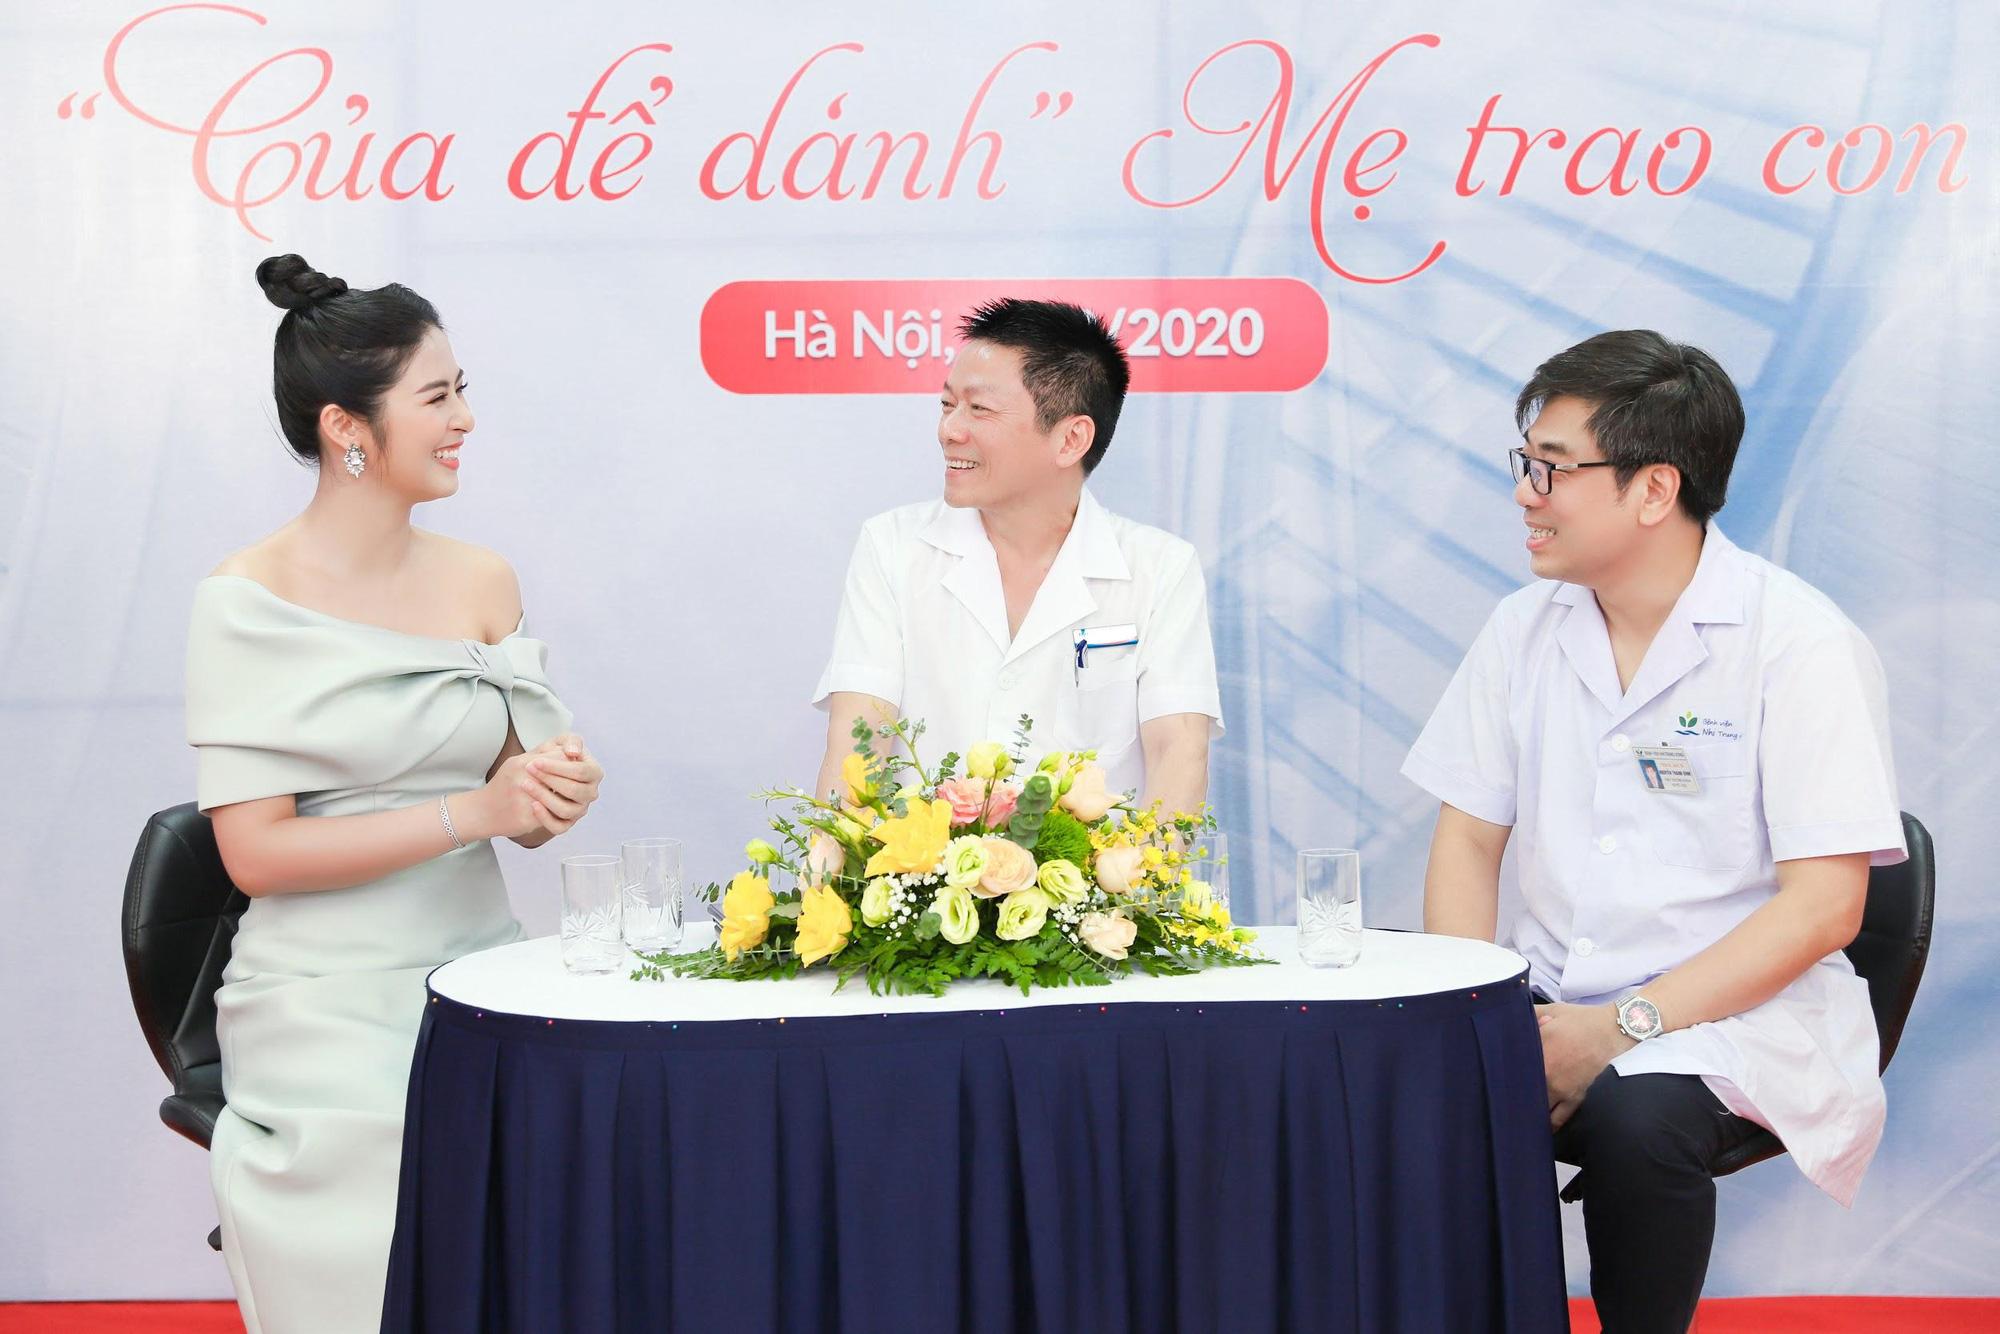 HOT: Hoa hậu Ngọc Hân lần đầu hé lộ về dự định kết hôn và sinh con - Ảnh 3.